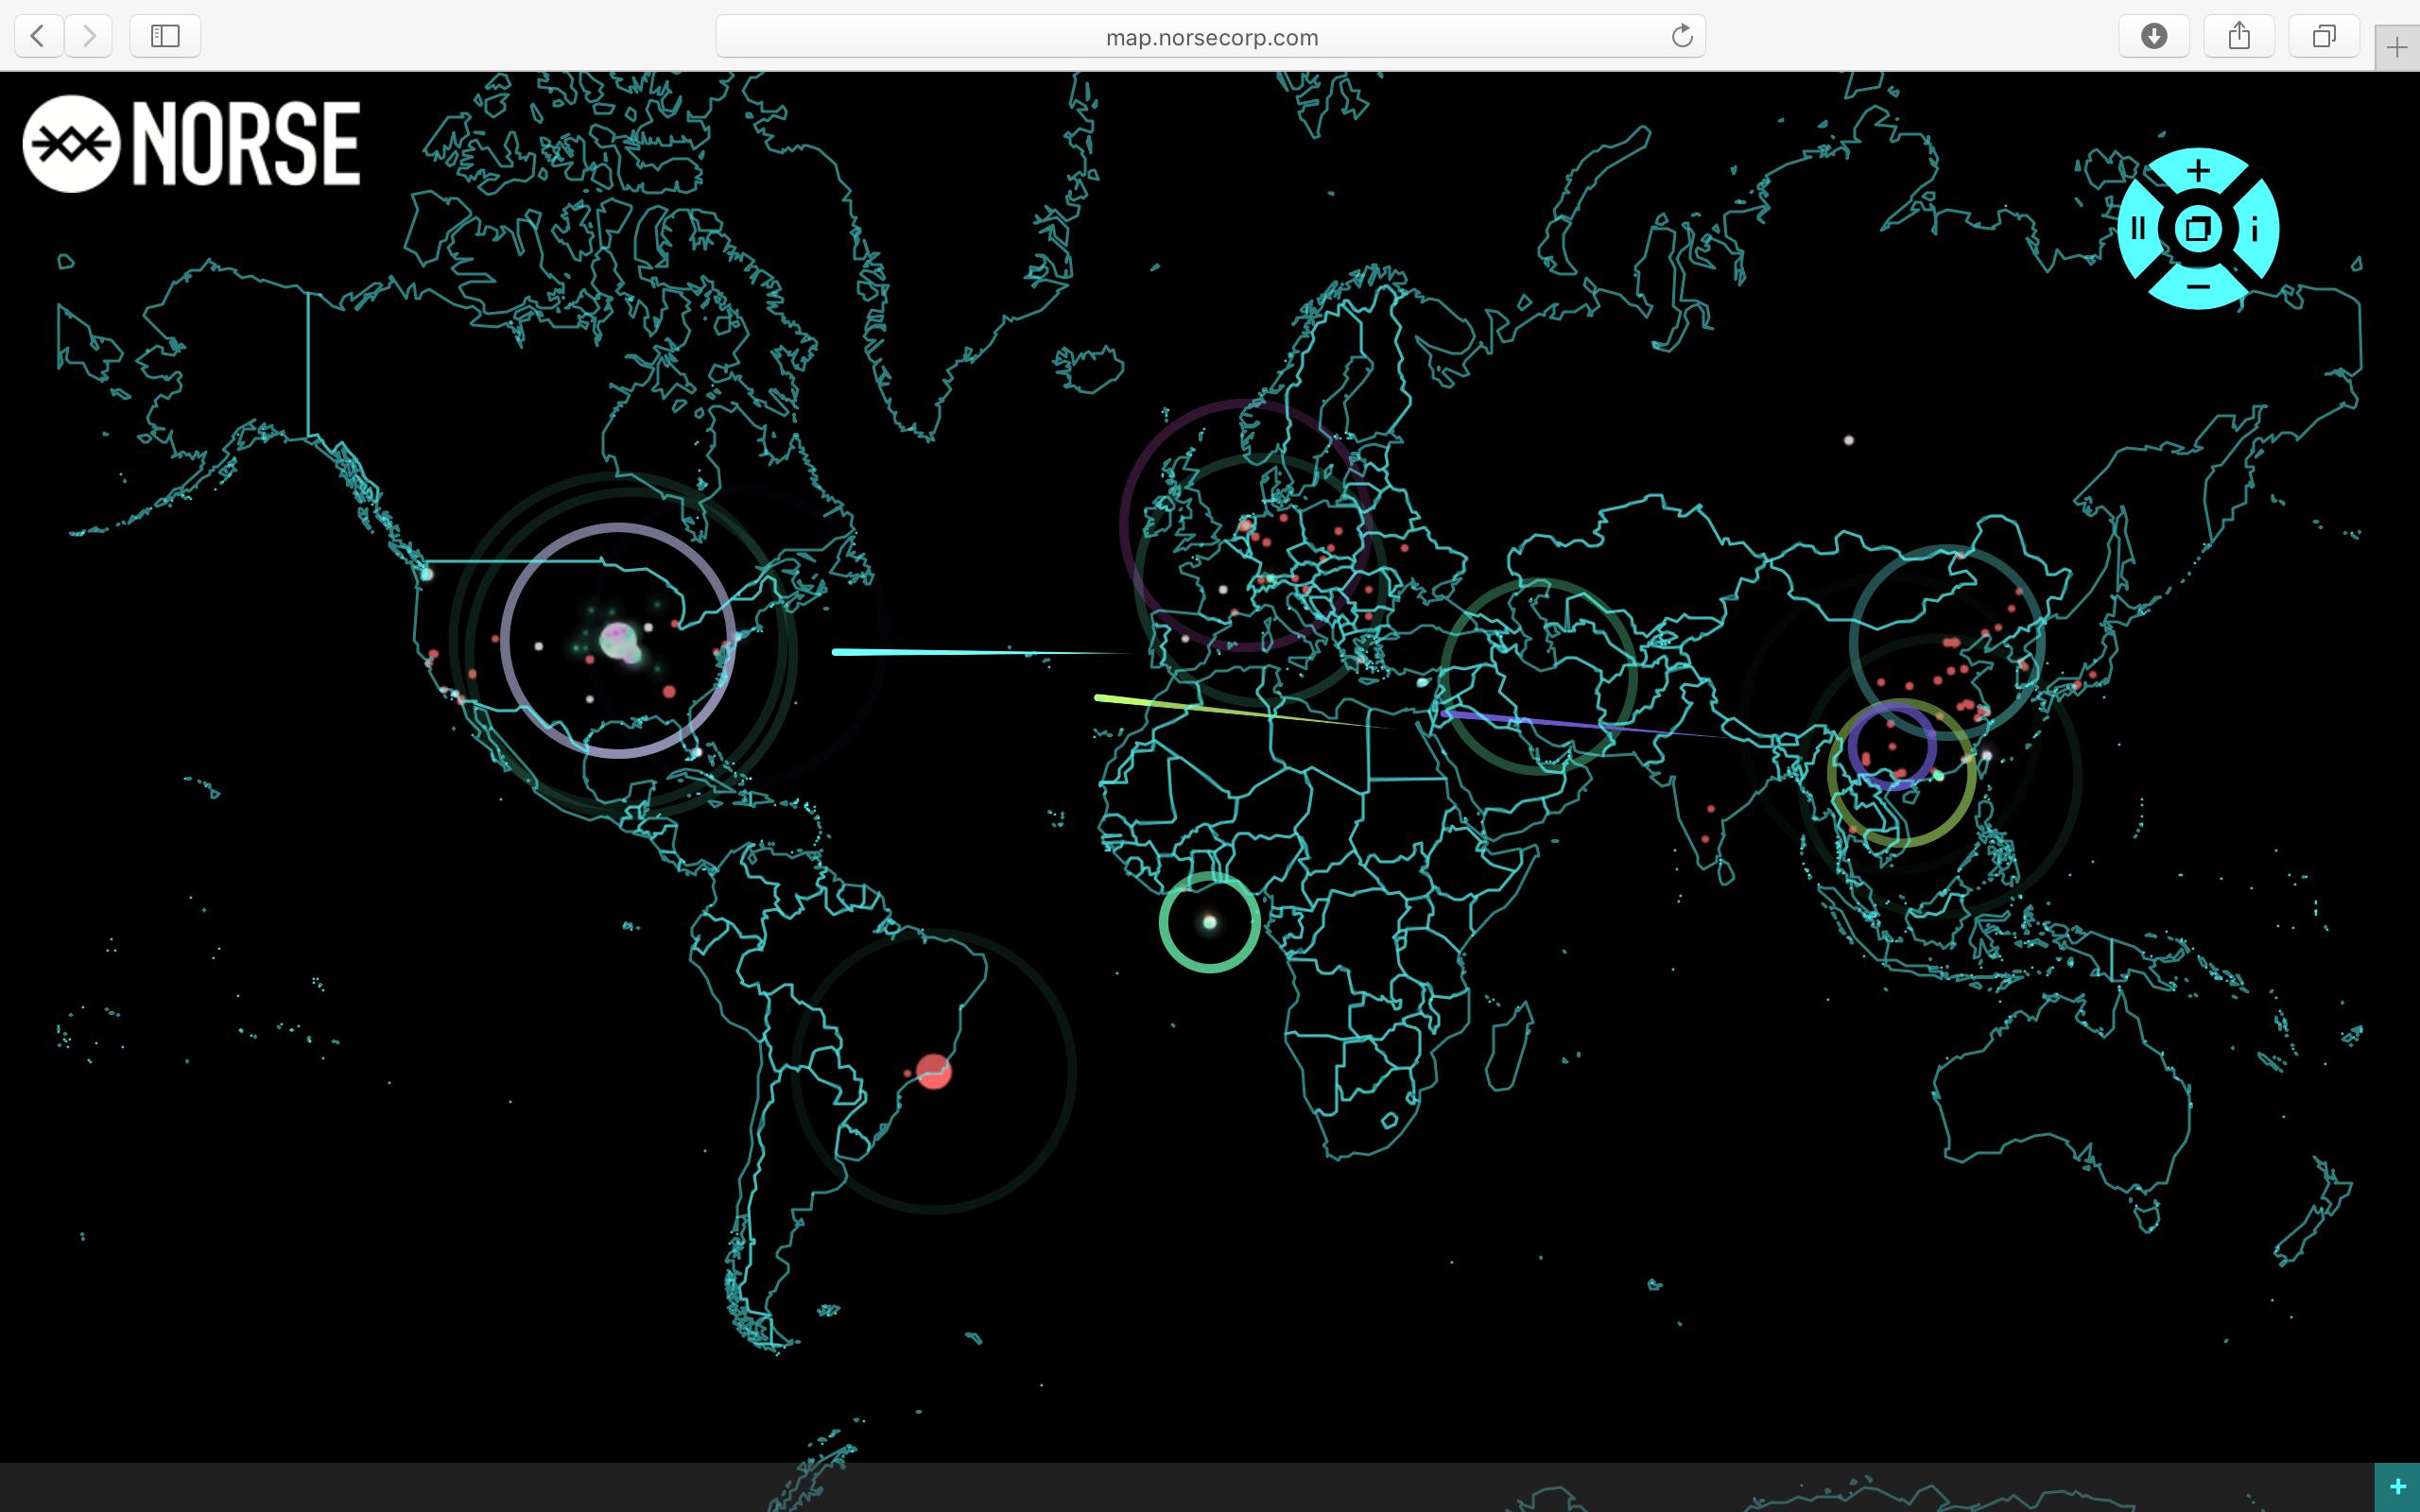 一张全球暗网黑客战的活地图